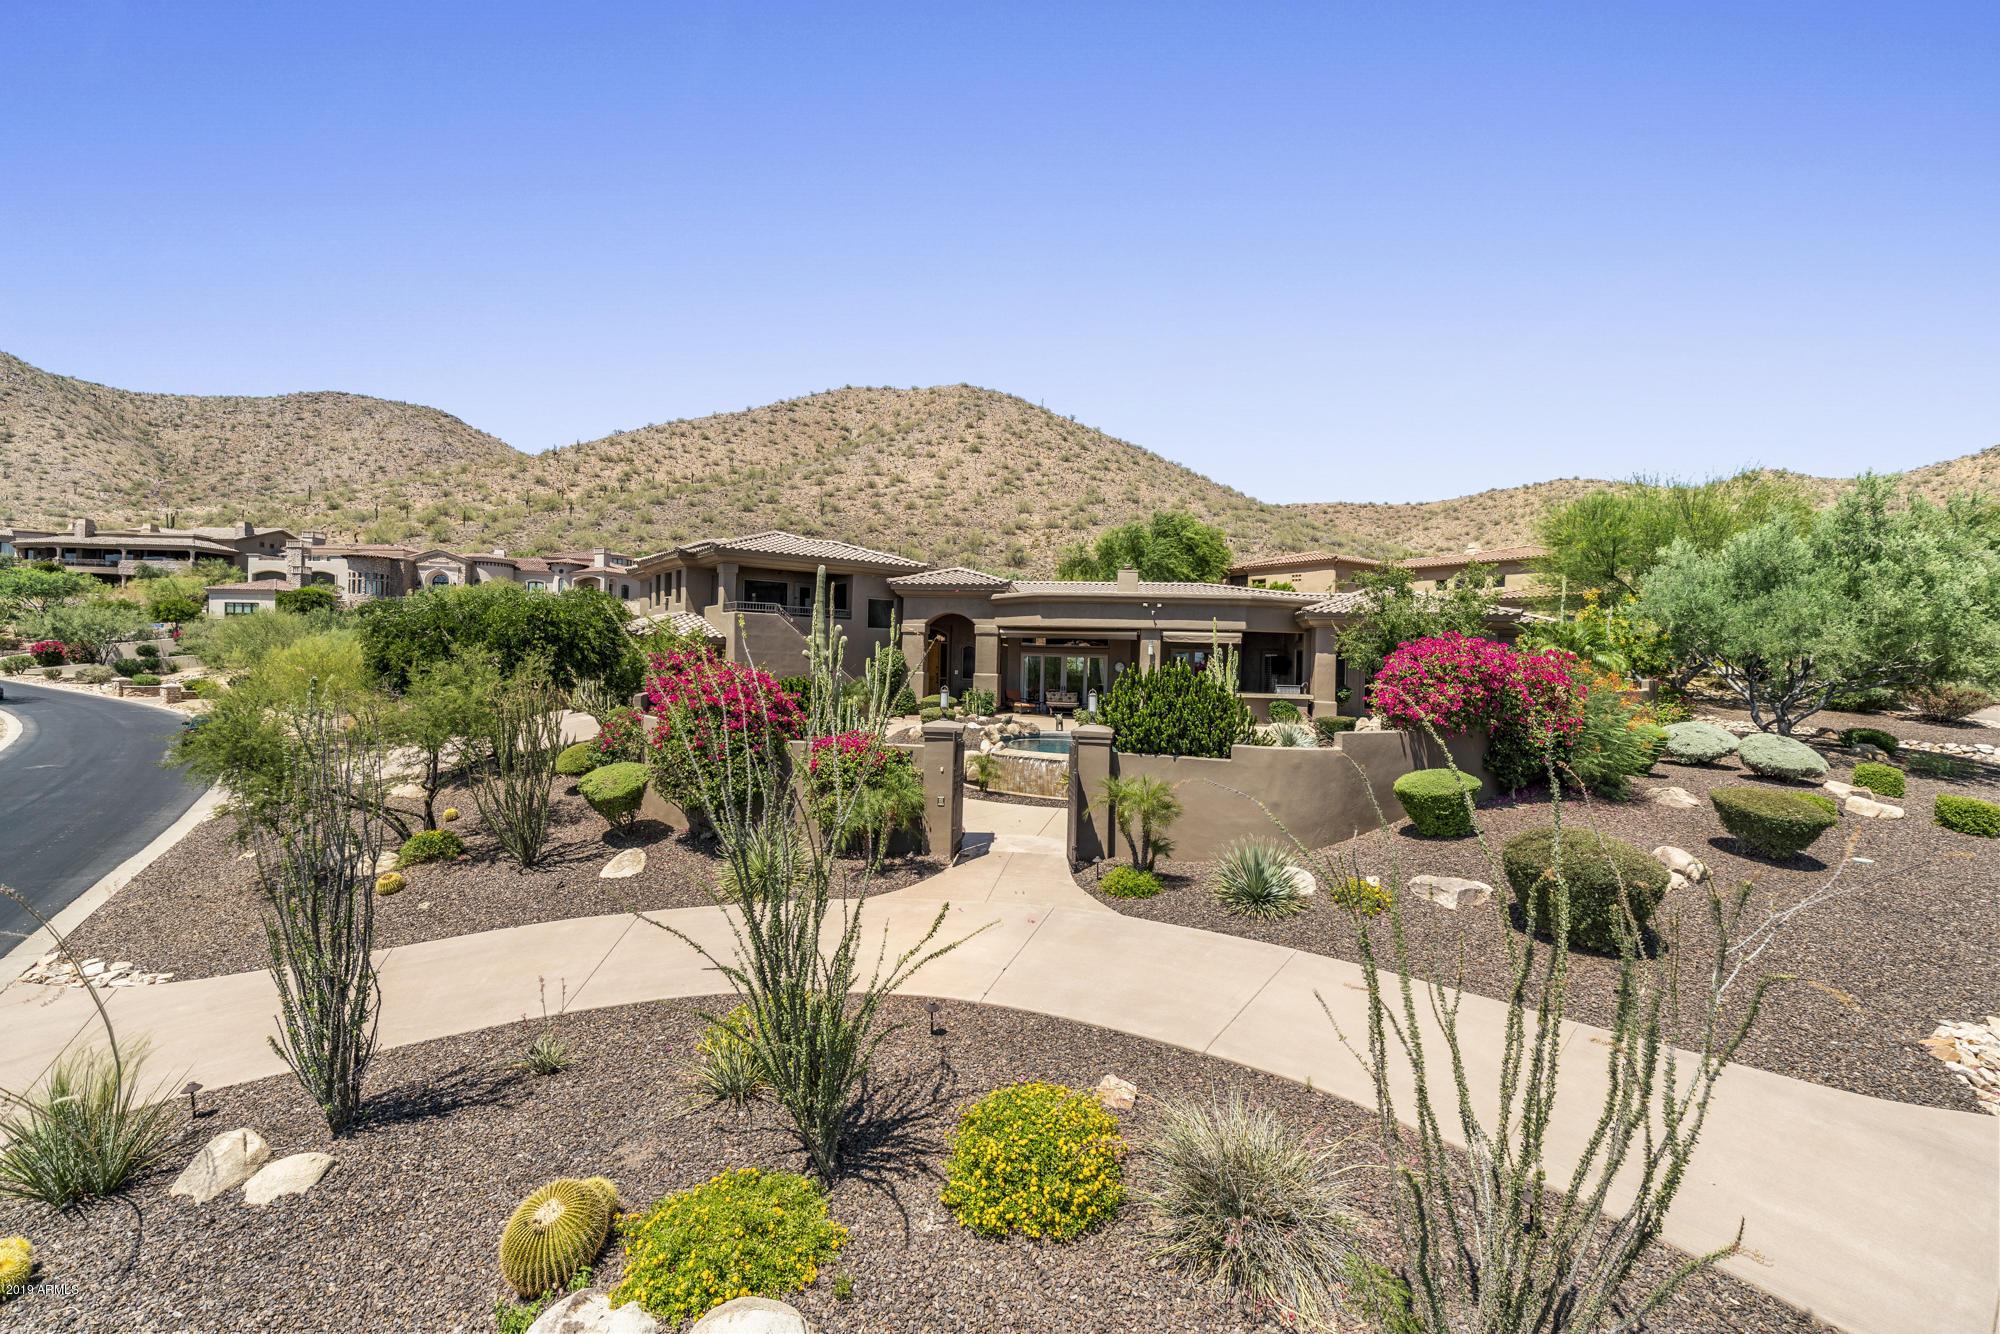 Photo of 11904 E DESERT TRAIL Road, Scottsdale, AZ 85259